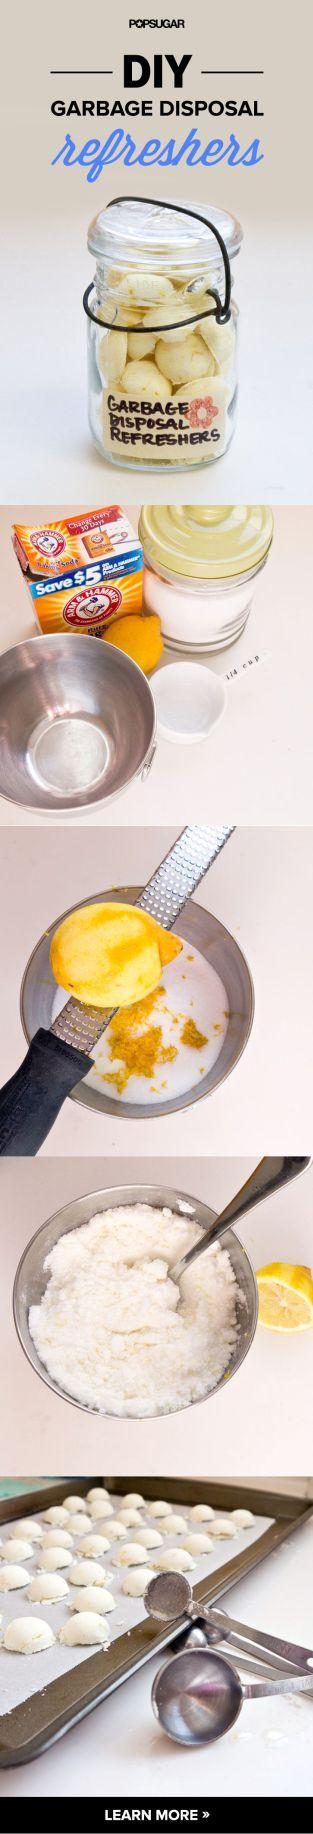 26 best Dream Kitchen images on Pinterest Dream kitchens - k amp uuml che putzen tipps